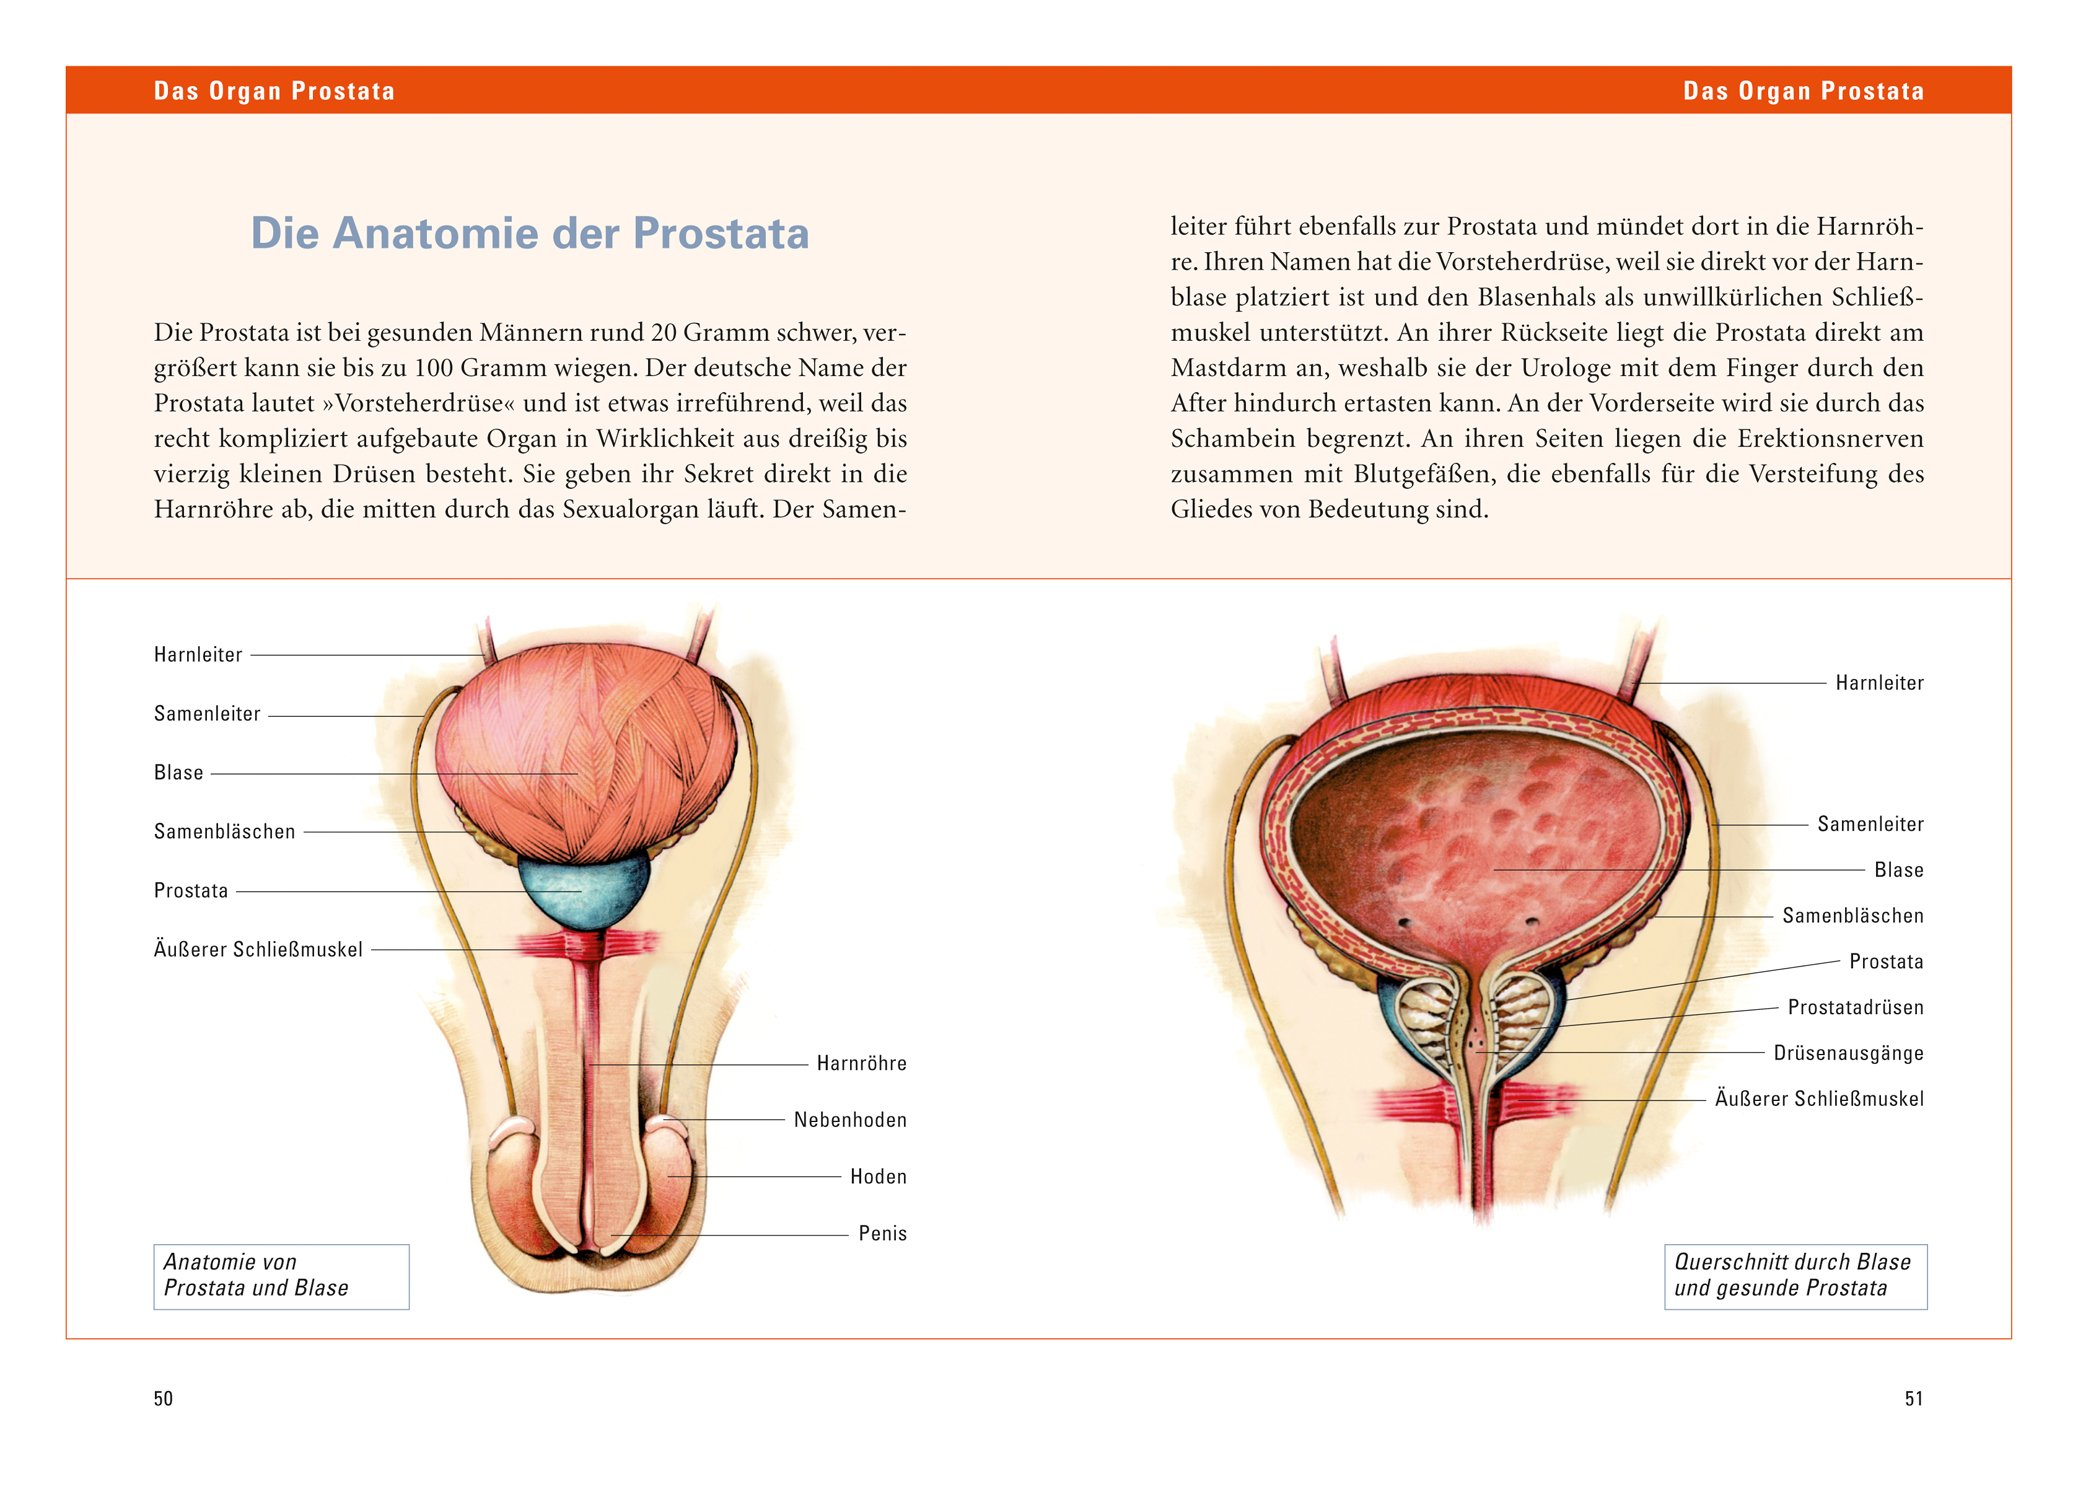 Niedlich Anatomie Der Prostata Und Blase Galerie - Menschliche ...